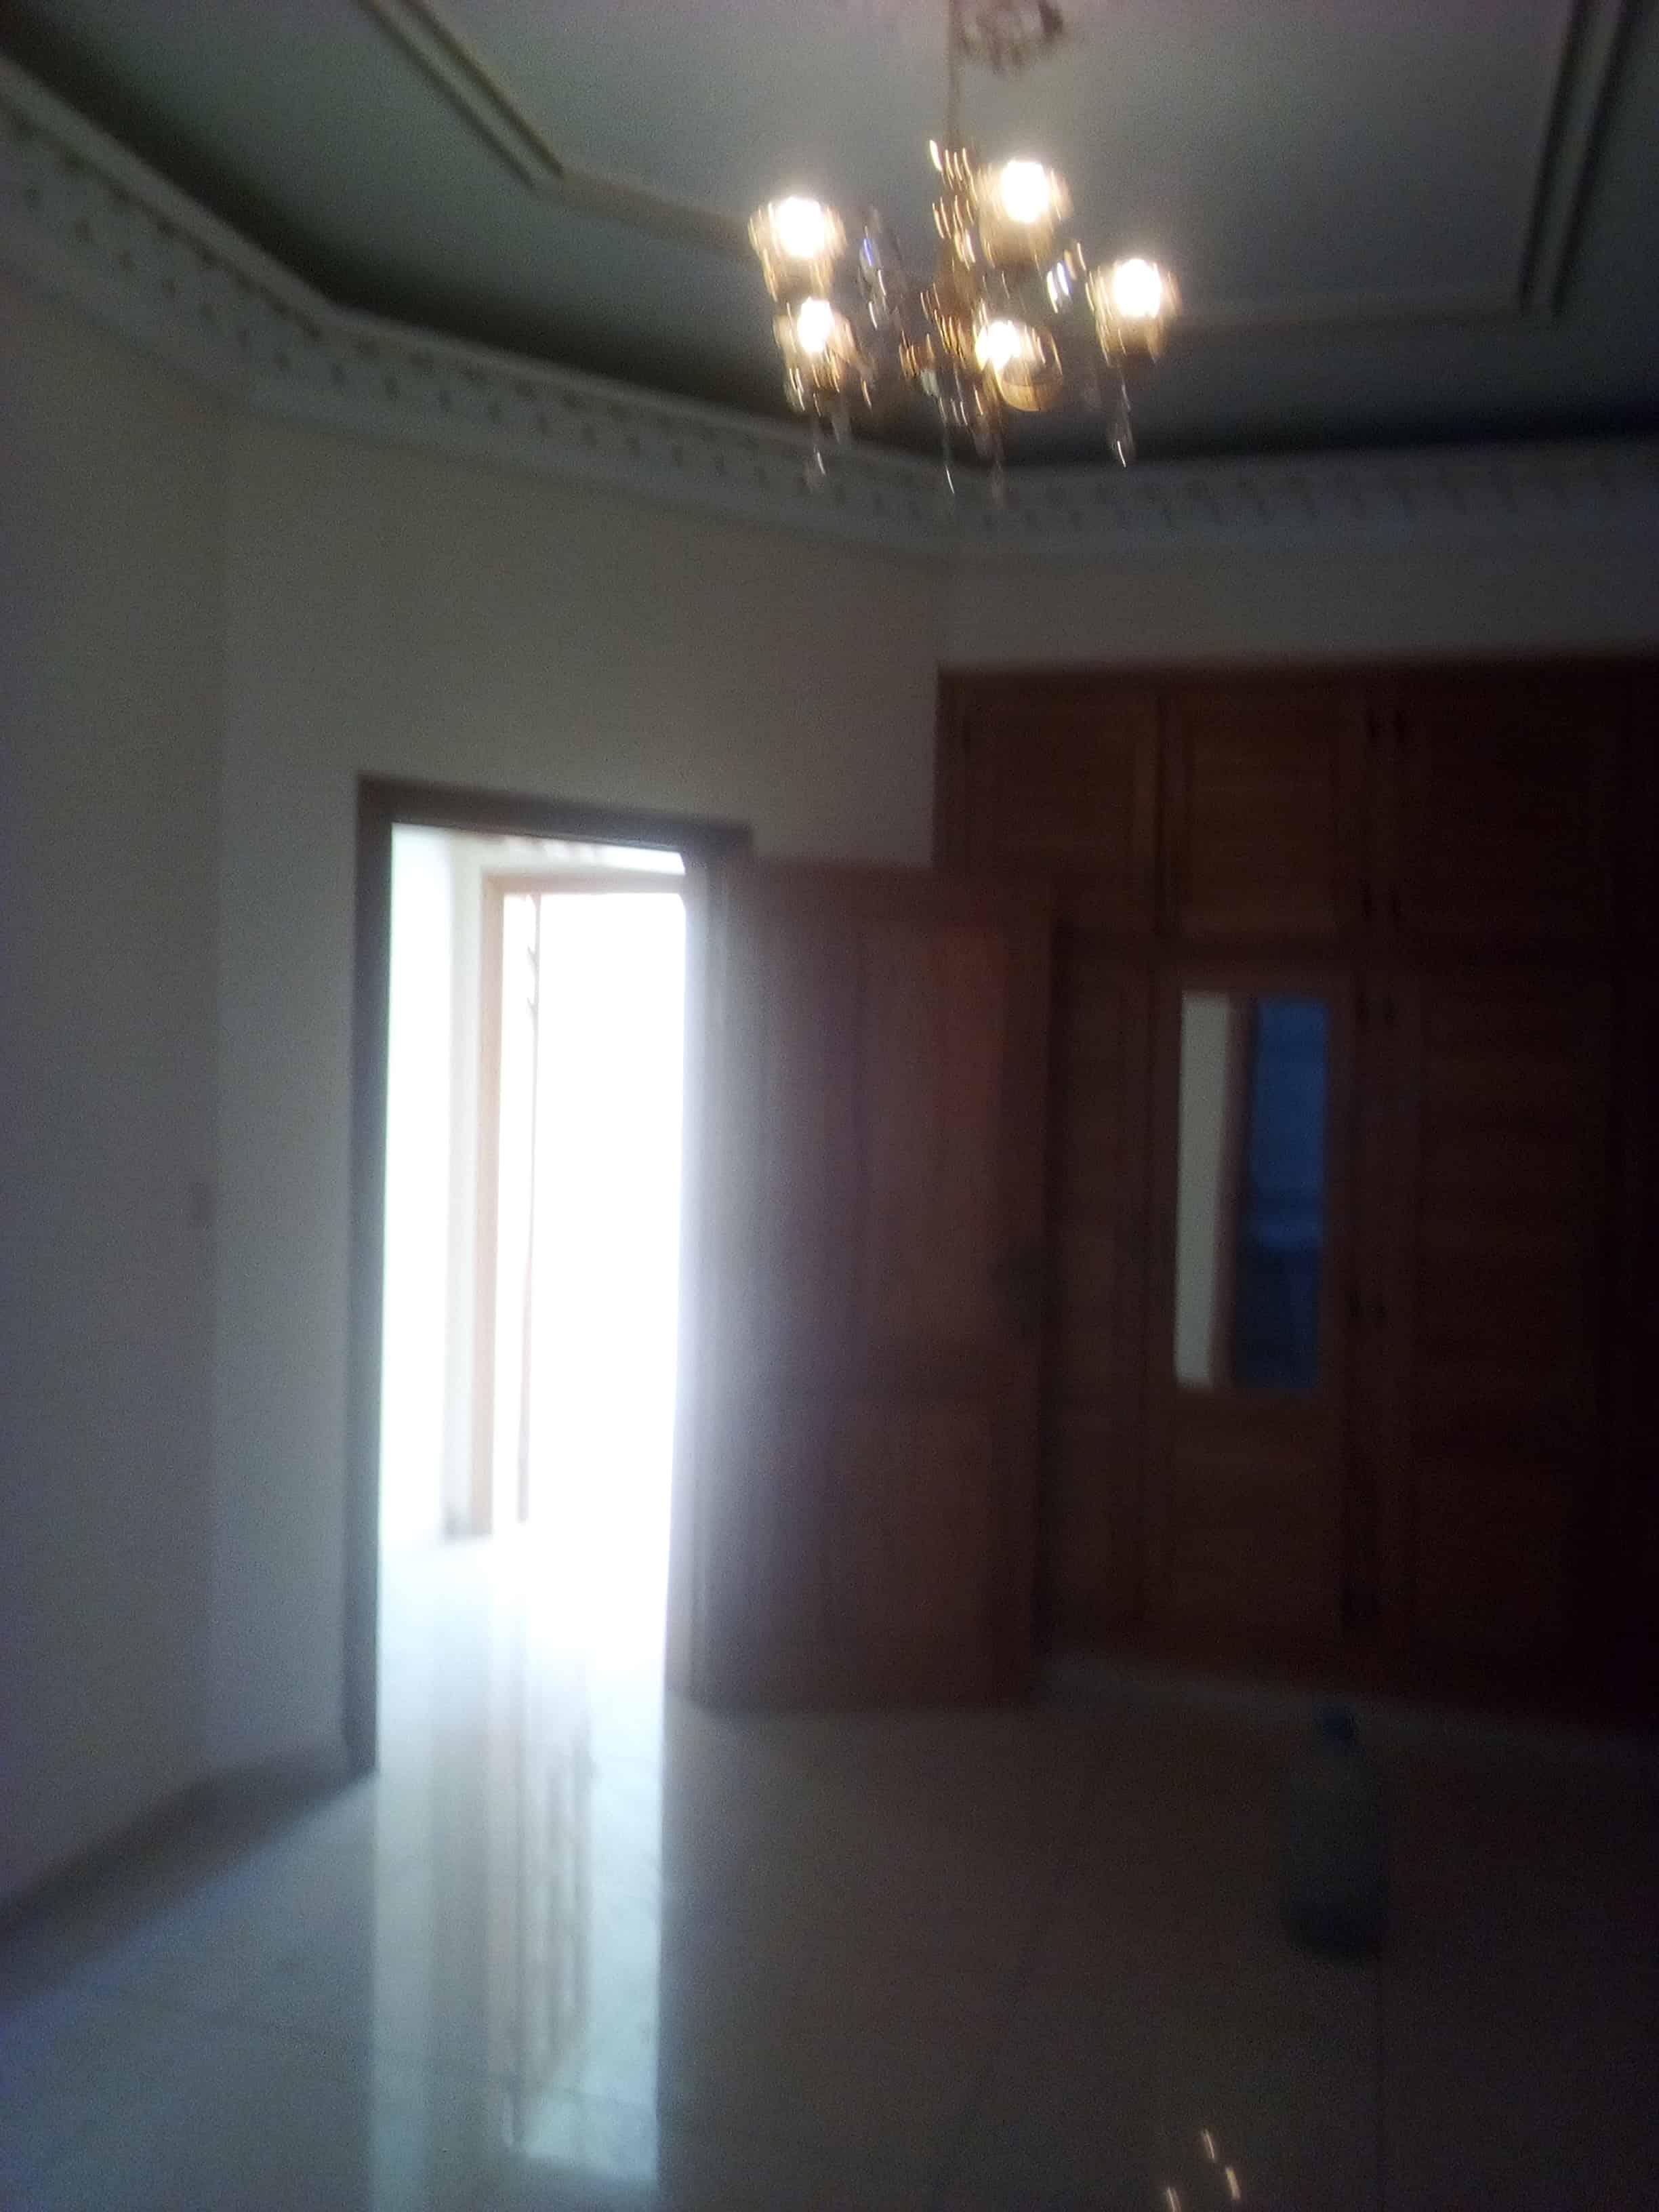 Apartment to rent - Yaoundé, Bastos, Ambassade de chine - 1 living room(s), 1 bedroom(s), 2 bathroom(s) - 350 000 FCFA / month